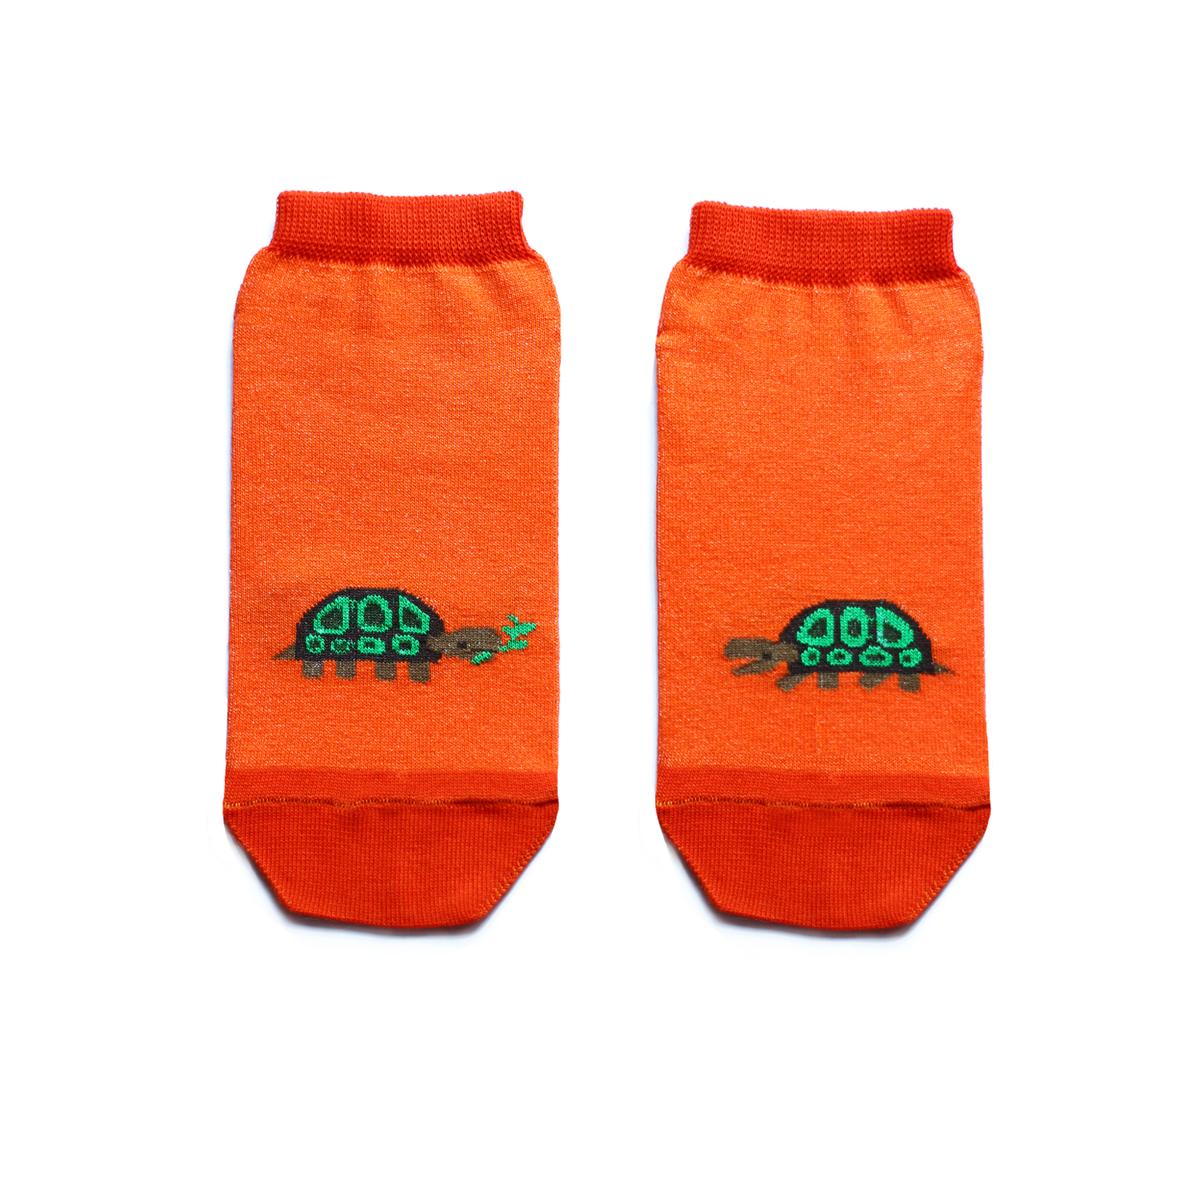 Носки женские Big Bang Socks, цвет: оранжевый, зеленый. ca1522. Размер 35/39ca1522Укороченные женские носки Big Bang Socks изготовлены из высококачественного хлопка с добавлением полиамидных и эластановых волокон, которые обеспечивают великолепную посадку. Носки отличаются ярким стильным дизайном, они оформлены изображением черепахи. Удобная резинка идеально облегает ногу и не пережимает сосуды, а усиленные пятка и мысок повышают износоустойчивость носка. Дизайнерские носки Big Bang Socks - яркая деталь в вашем образе и оригинальный подарок для друзей и близких.